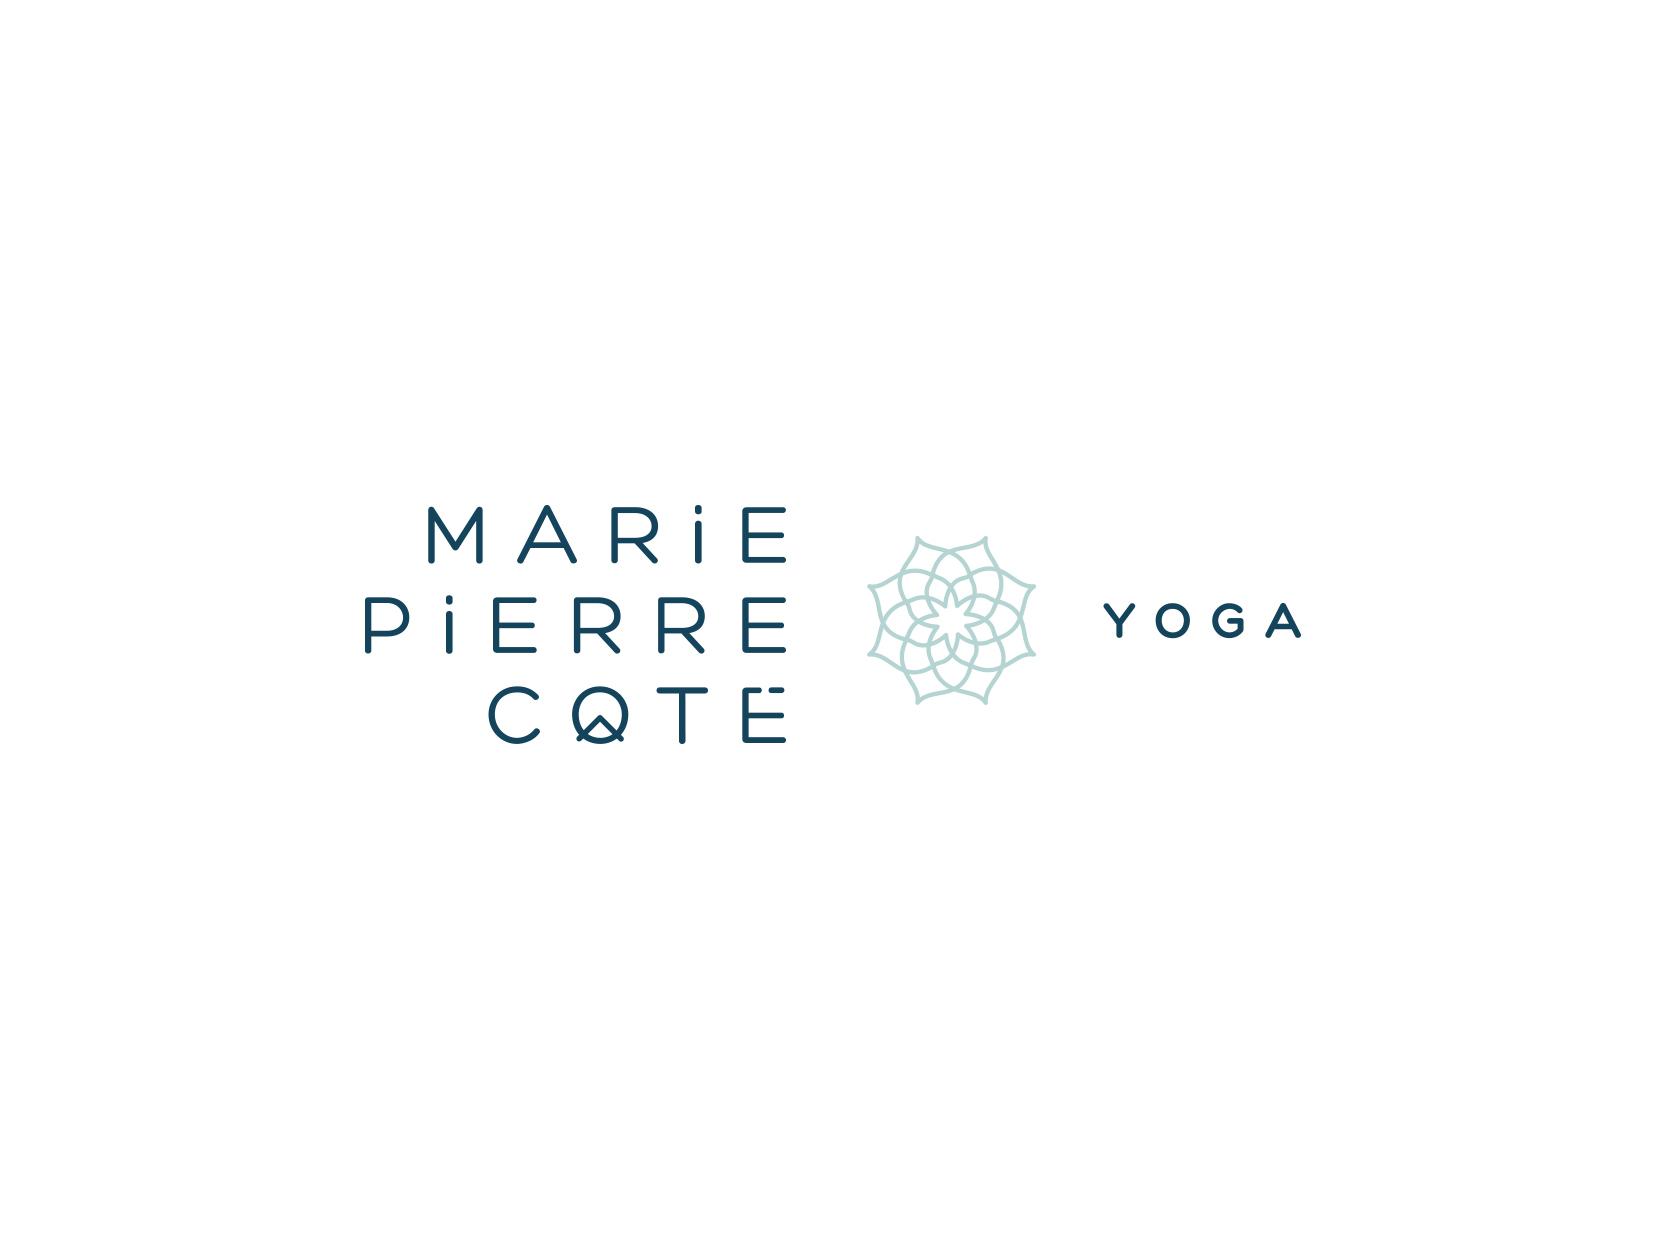 Mpc yoga 01